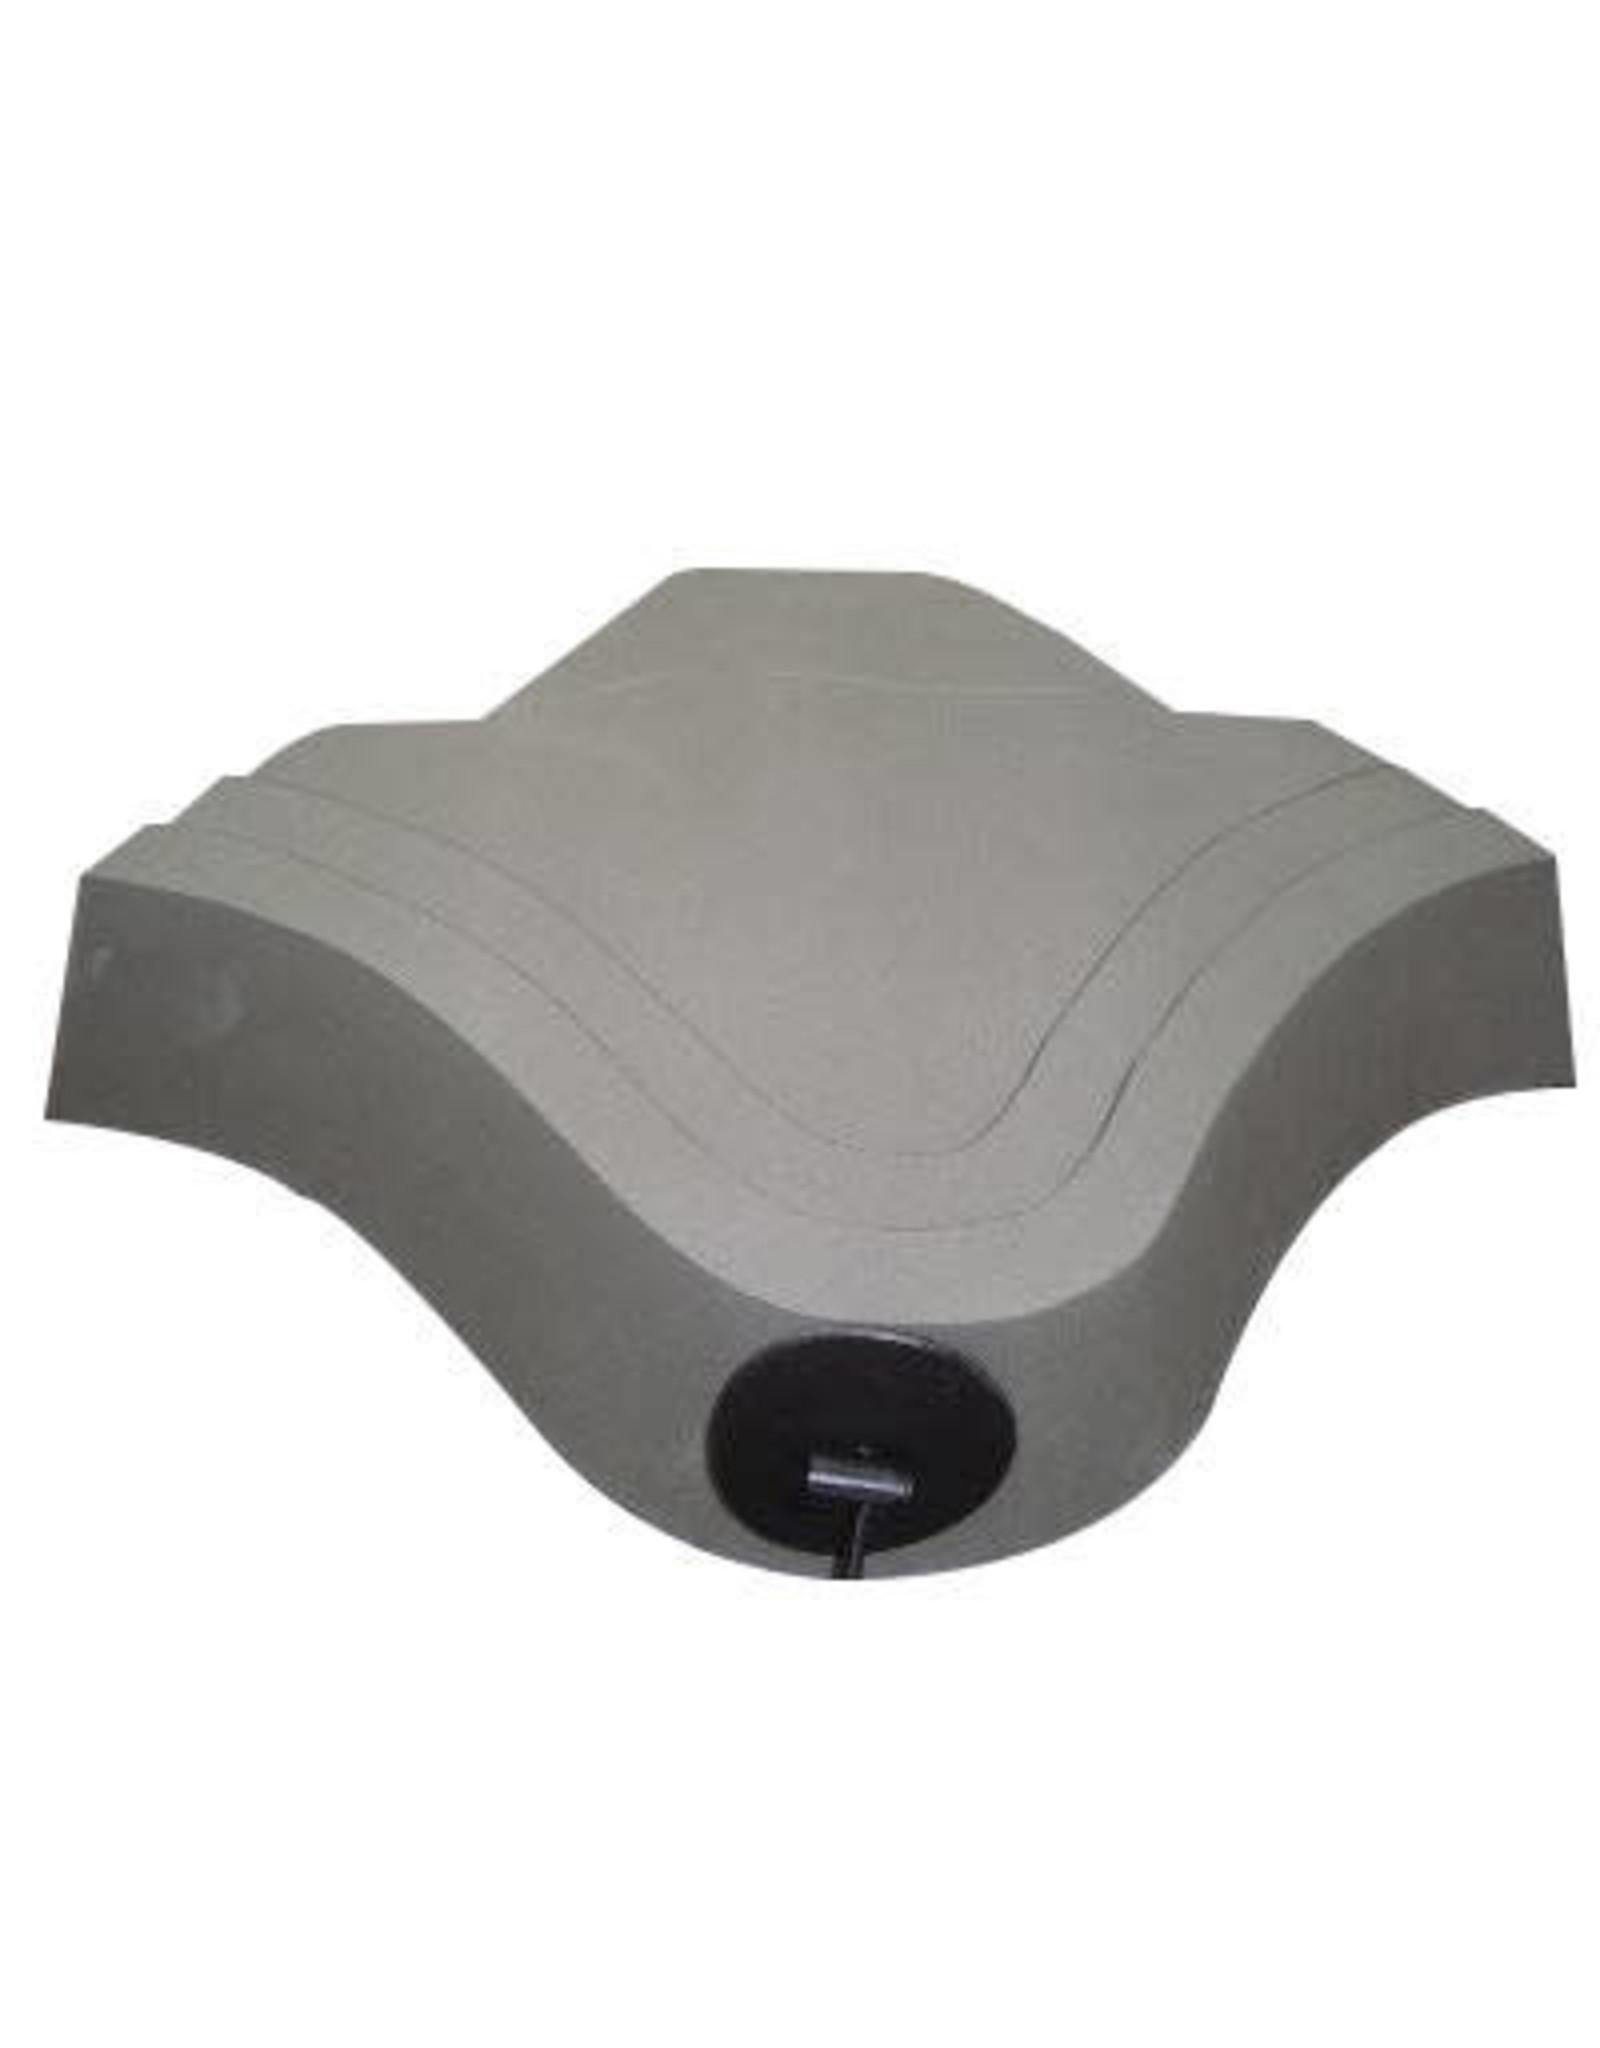 Jackson Kayaks Jackson mini-cell hold adjustable feet